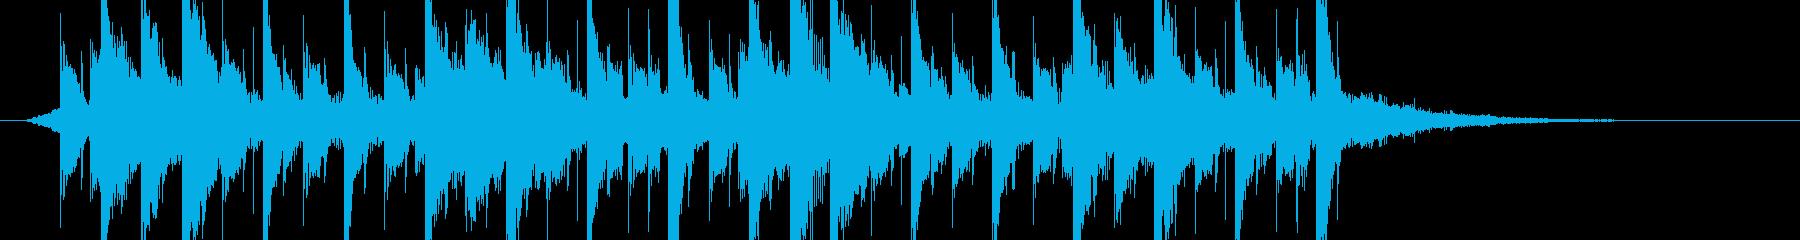 ティーン ポップ テクノ ラウンジ...の再生済みの波形